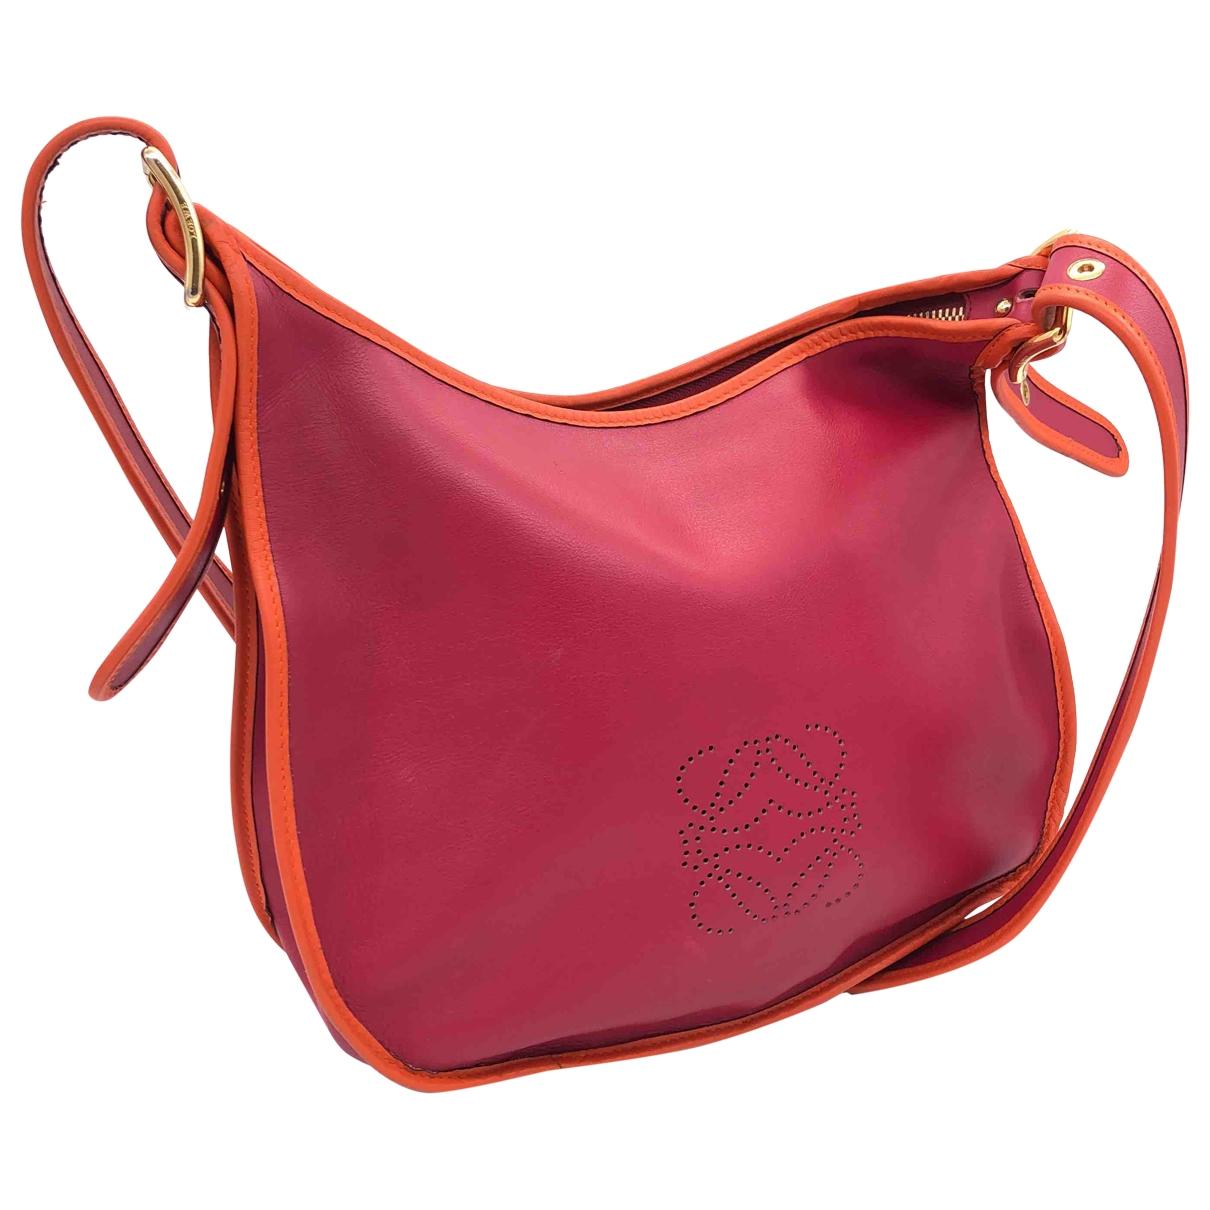 Loewe \N Handtasche in  Rot Leder